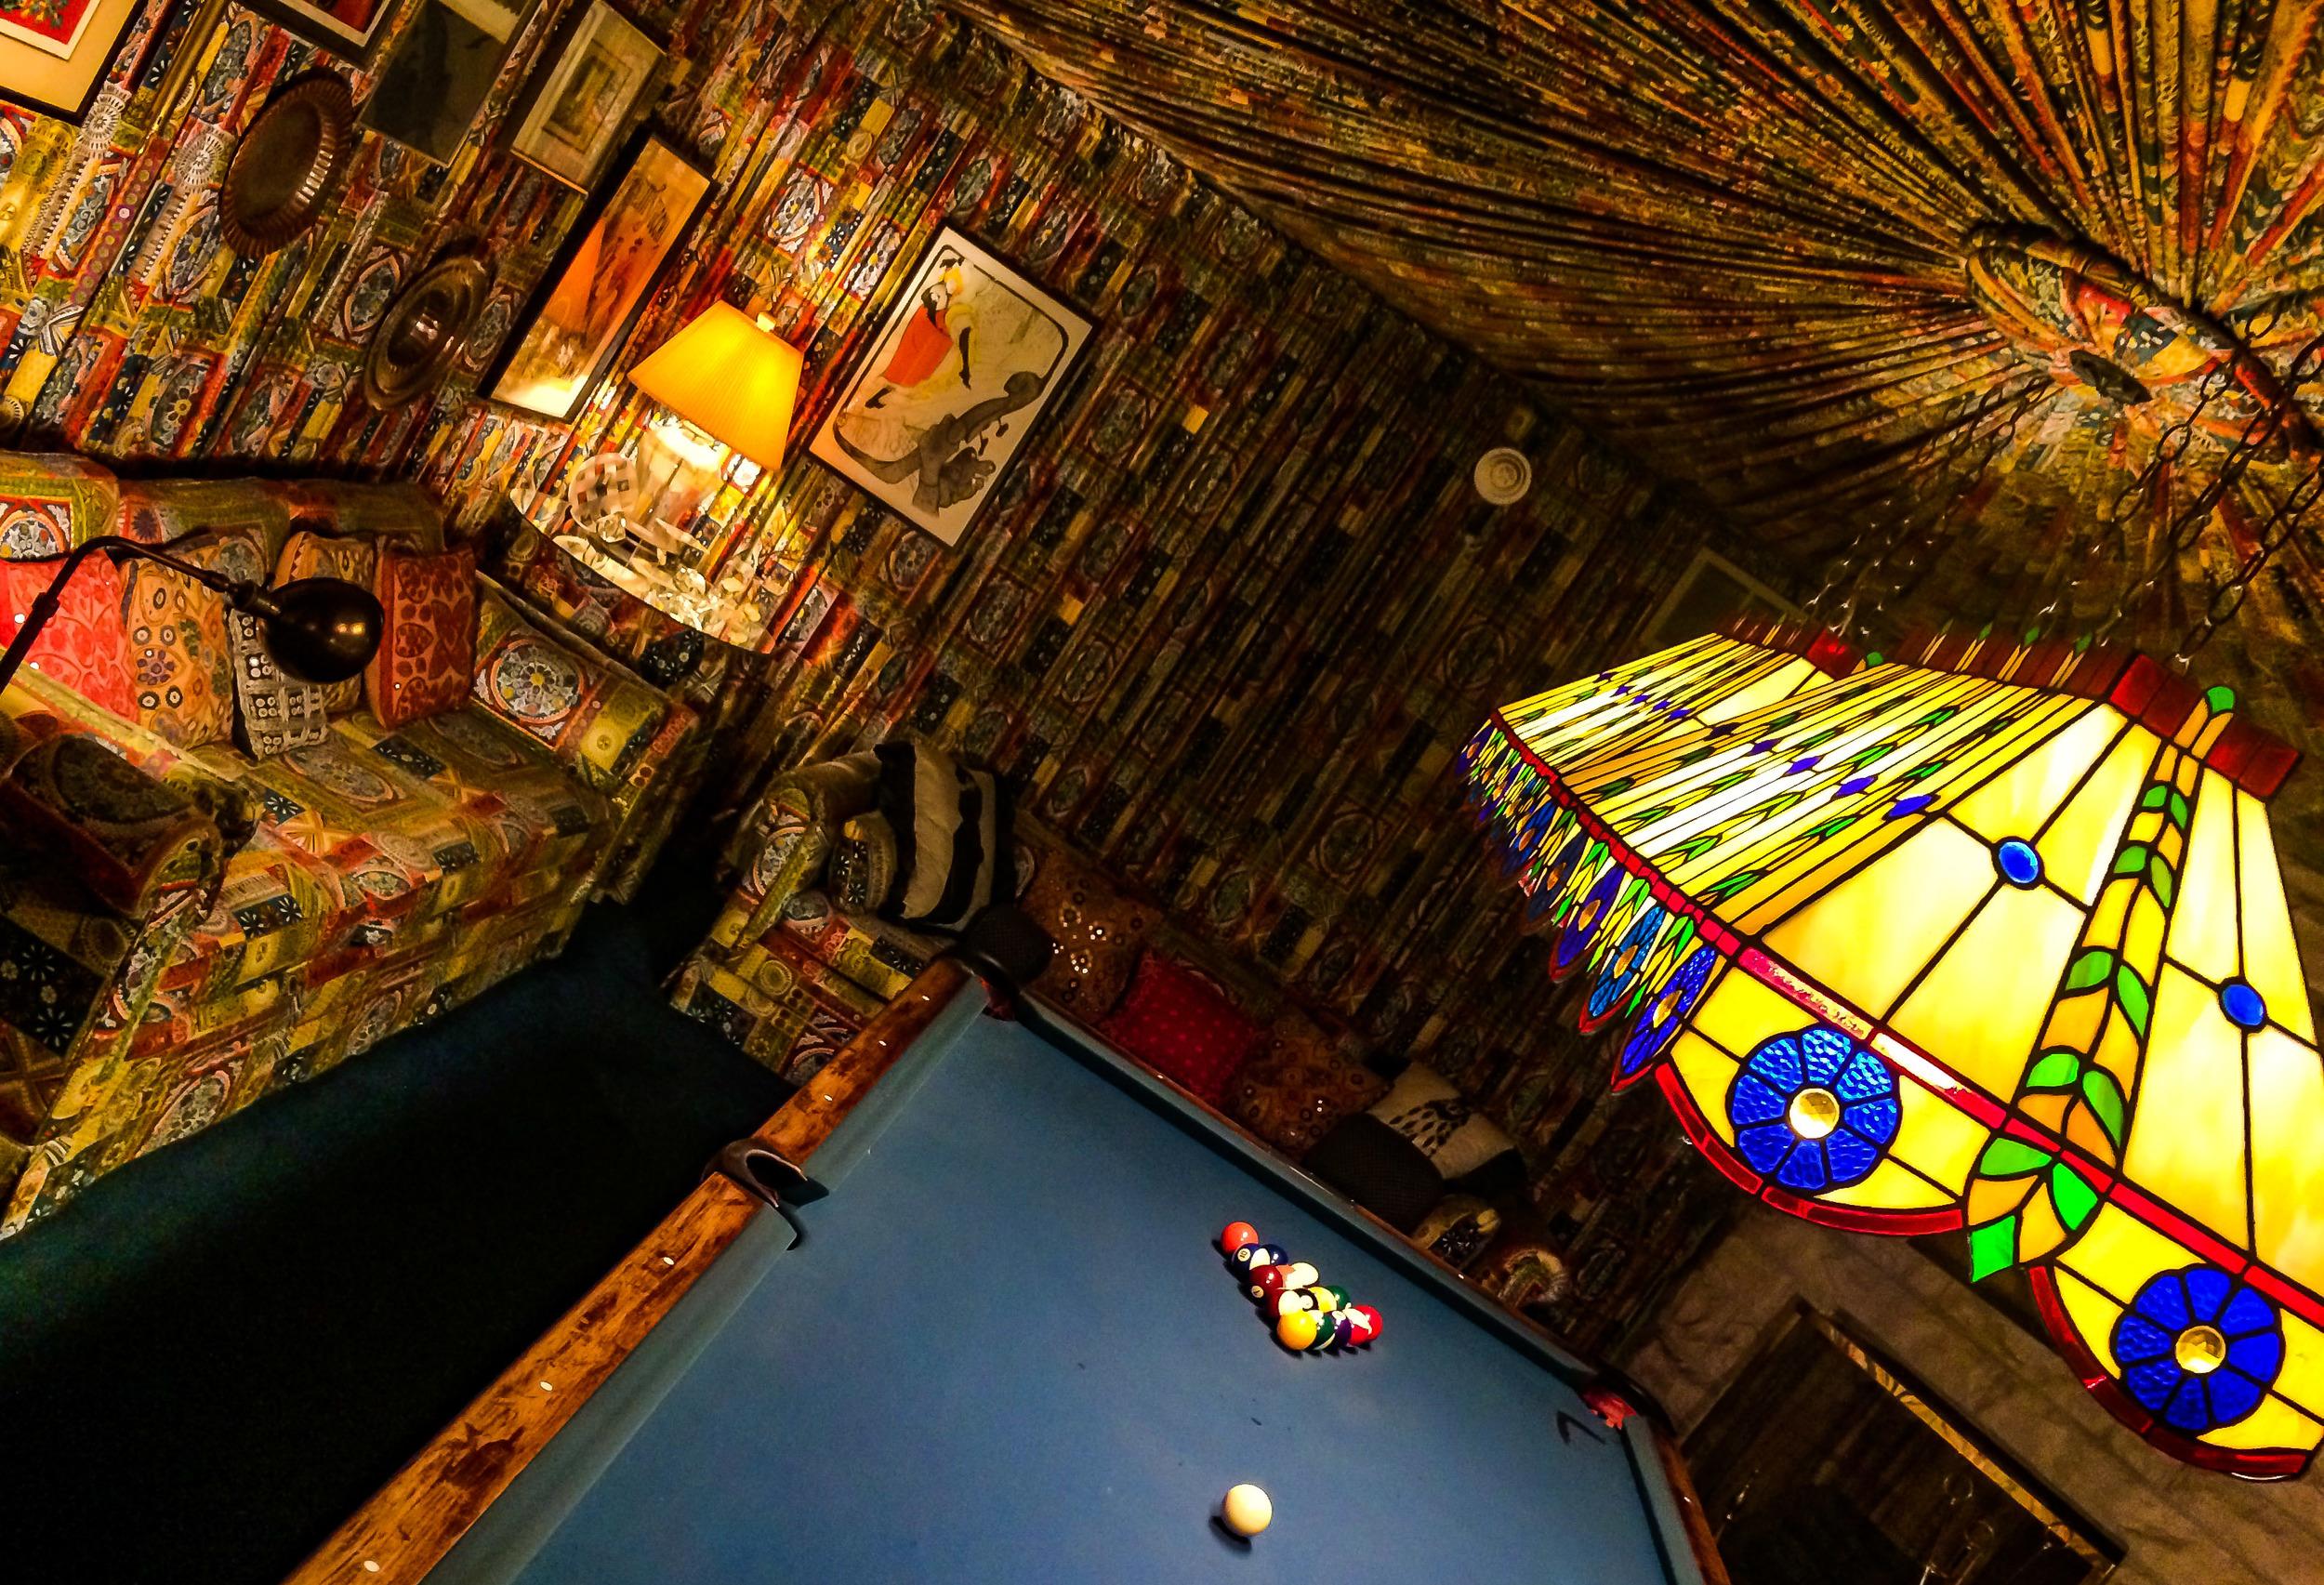 The pool room, Graceland. MY EYES!